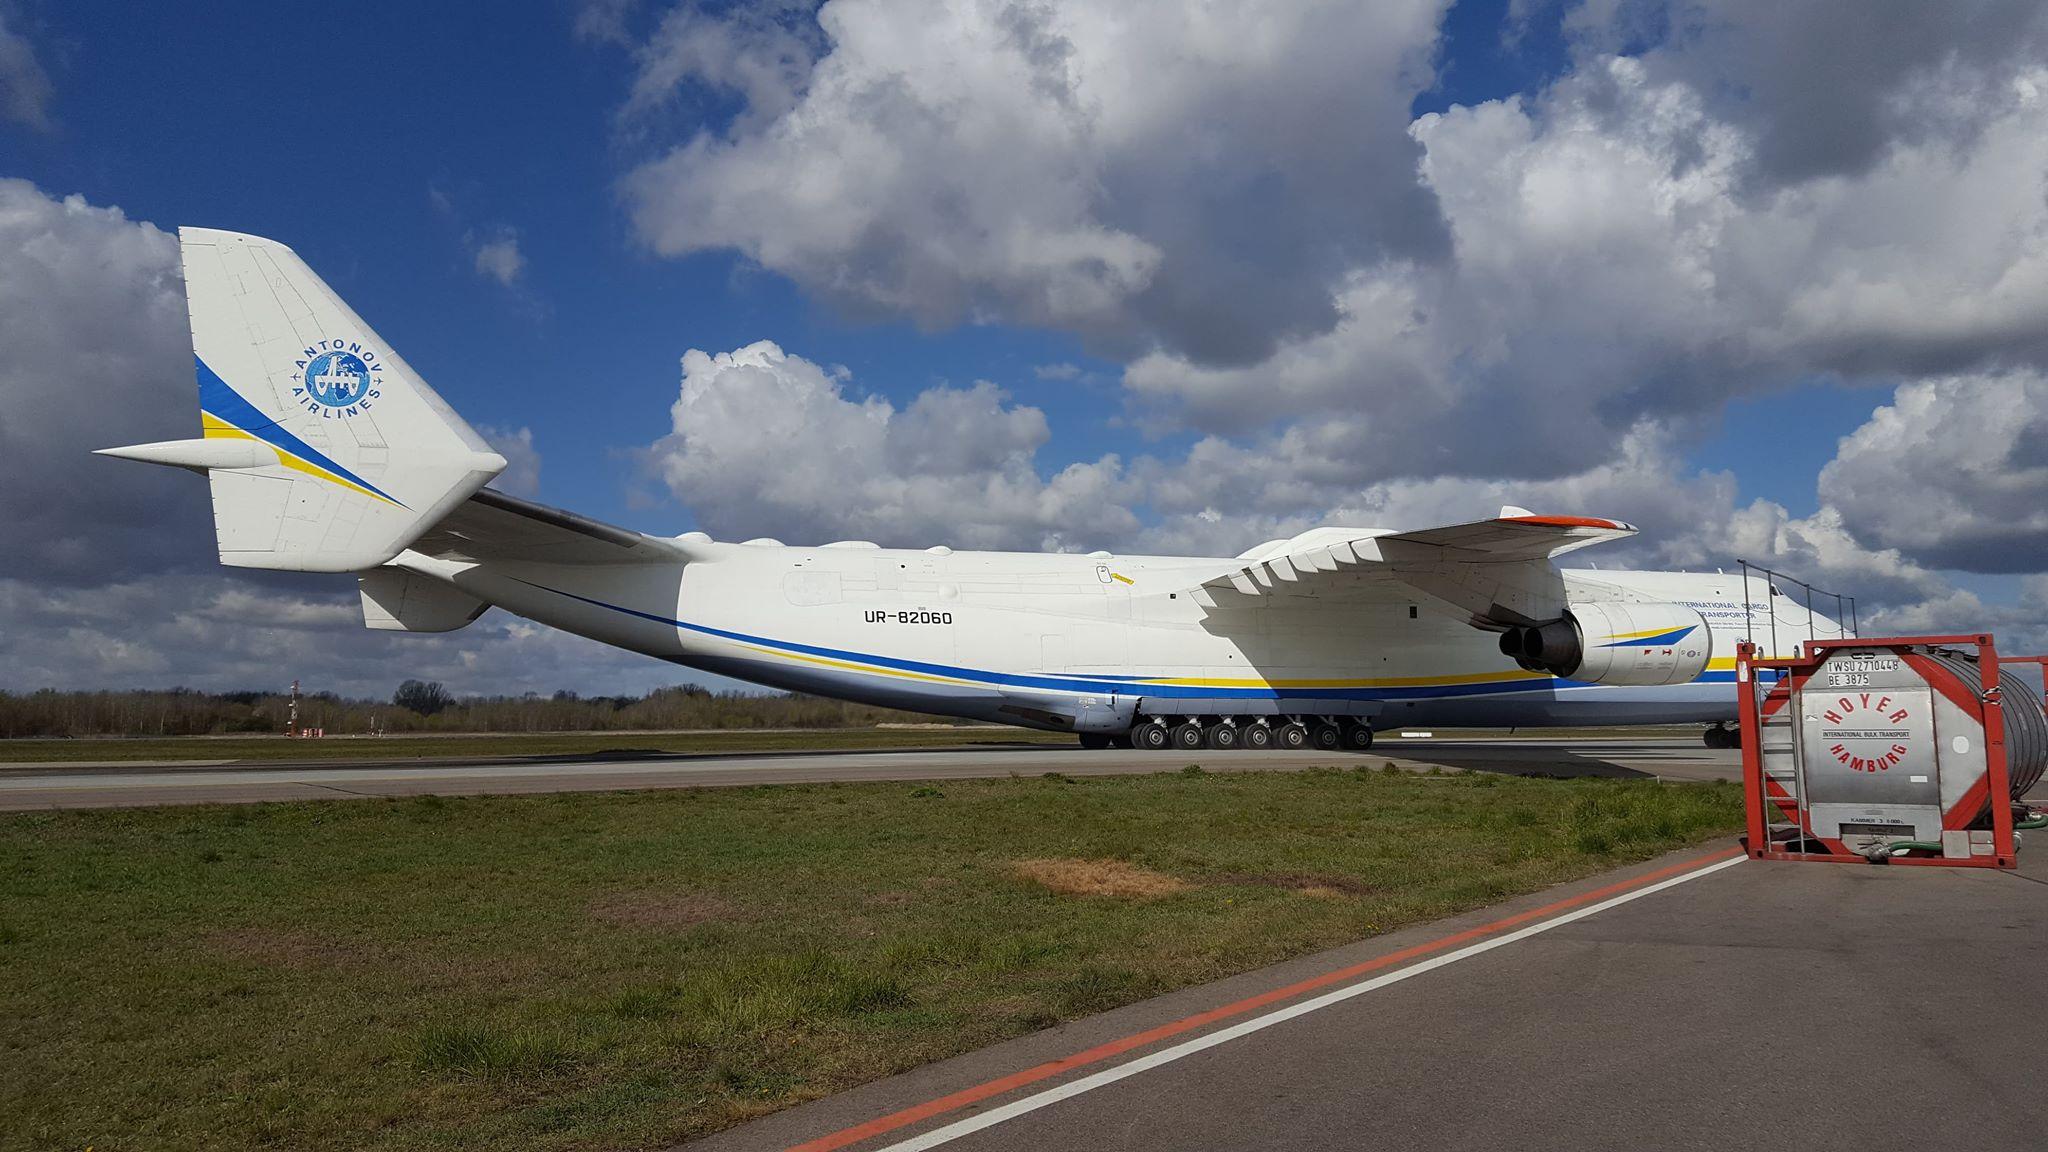 Samolot_14042020 3